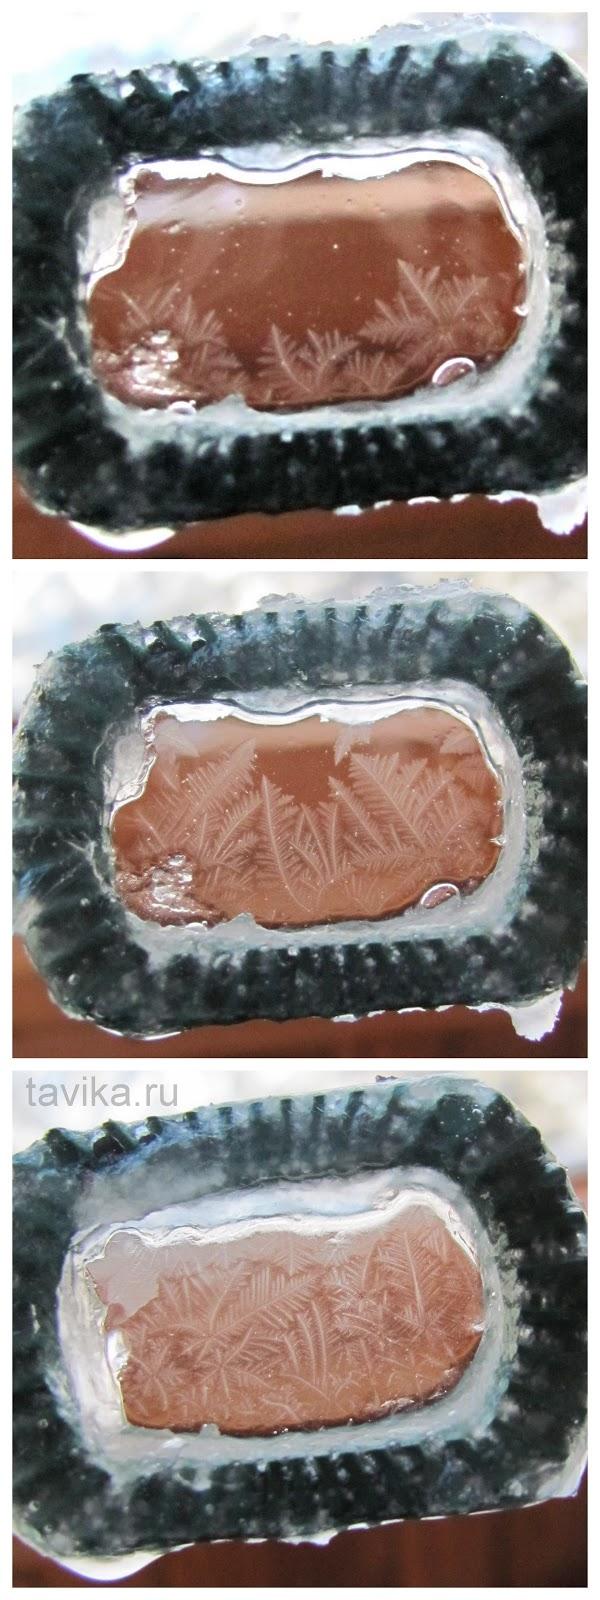 замерзшие мыльные пузыри